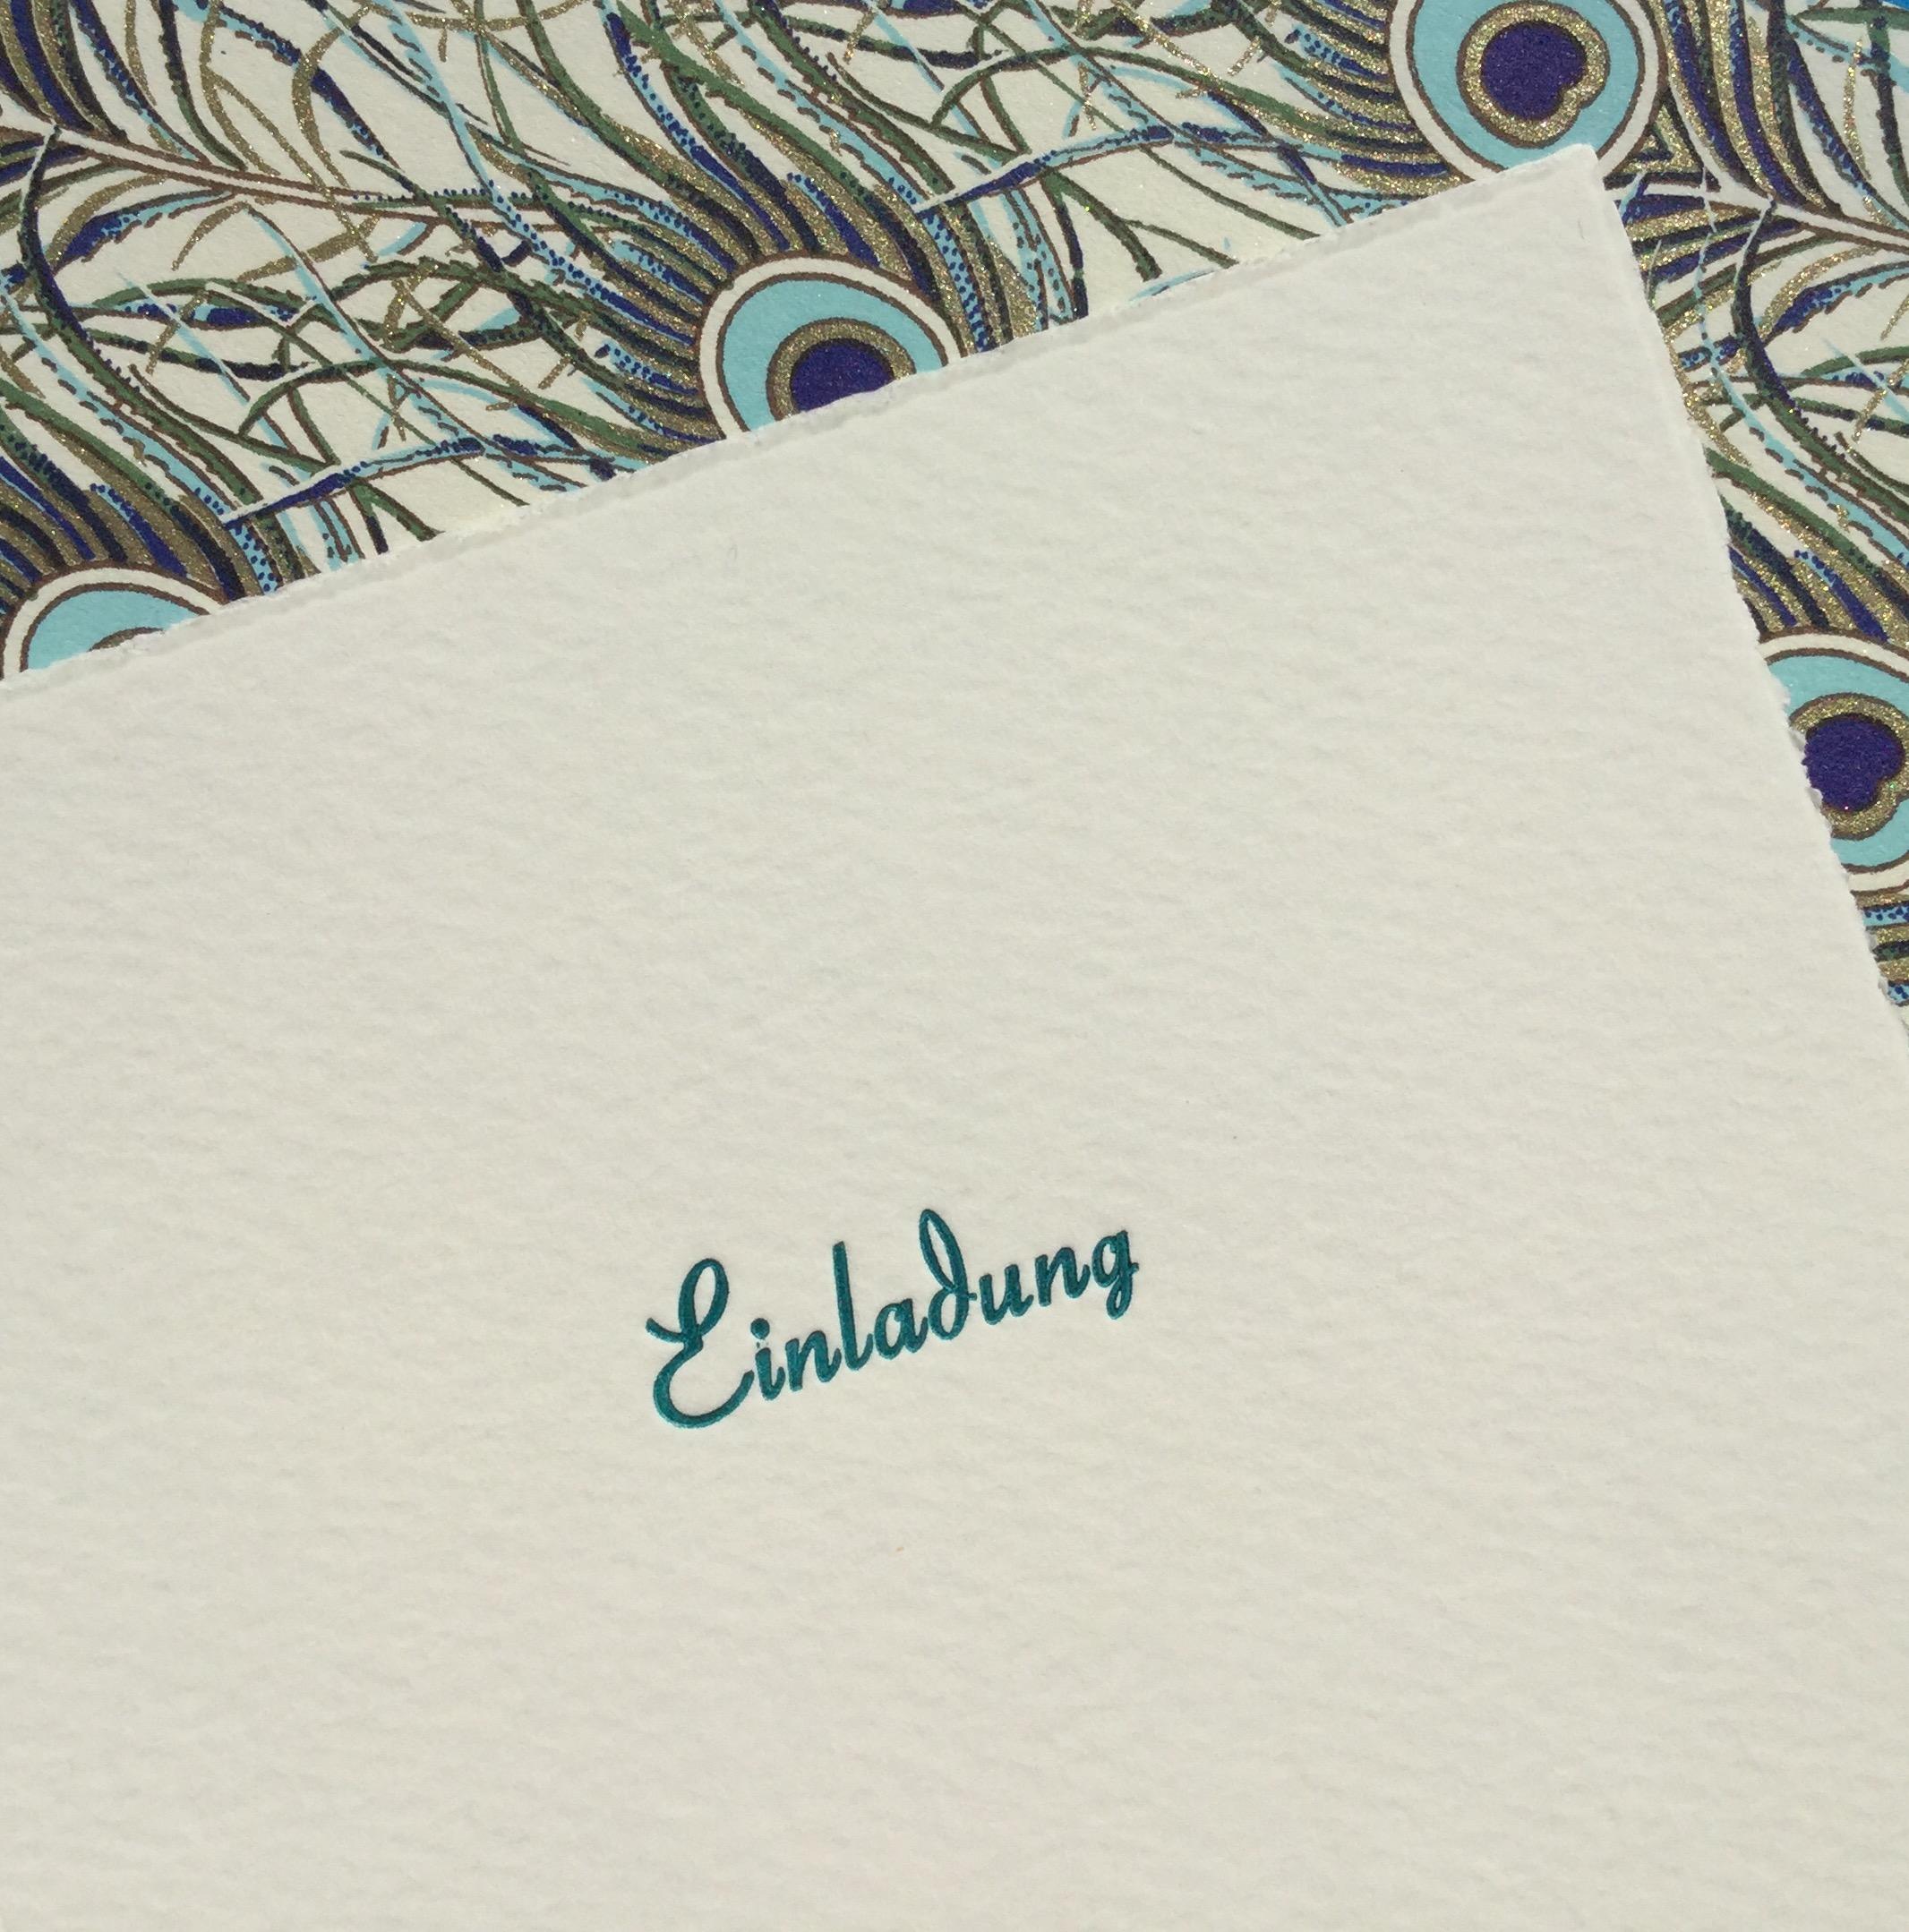 Einladung Letterpress Feathers